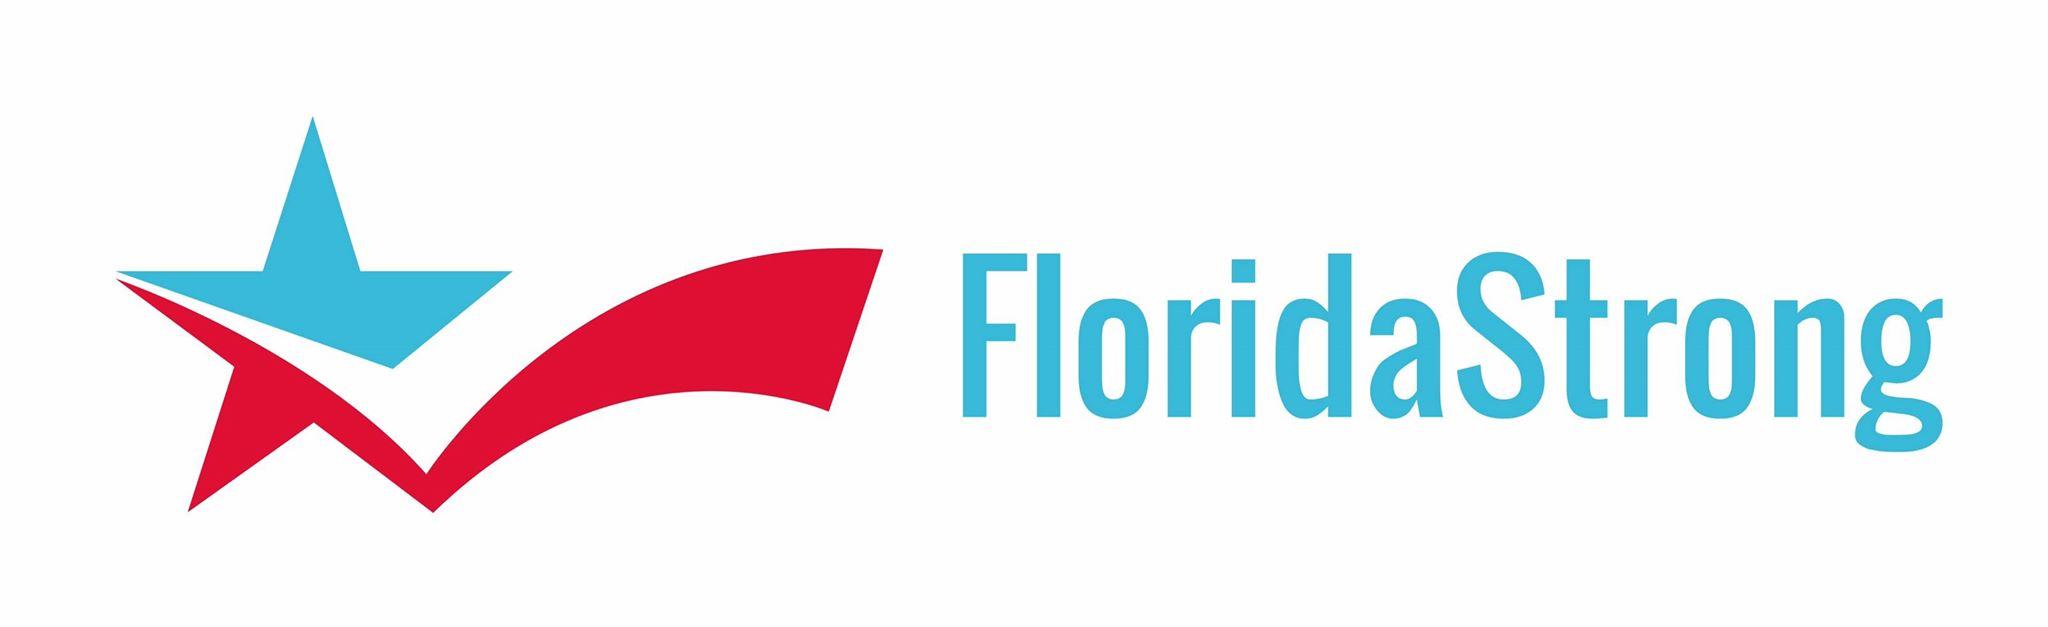 Floridastrong_logo